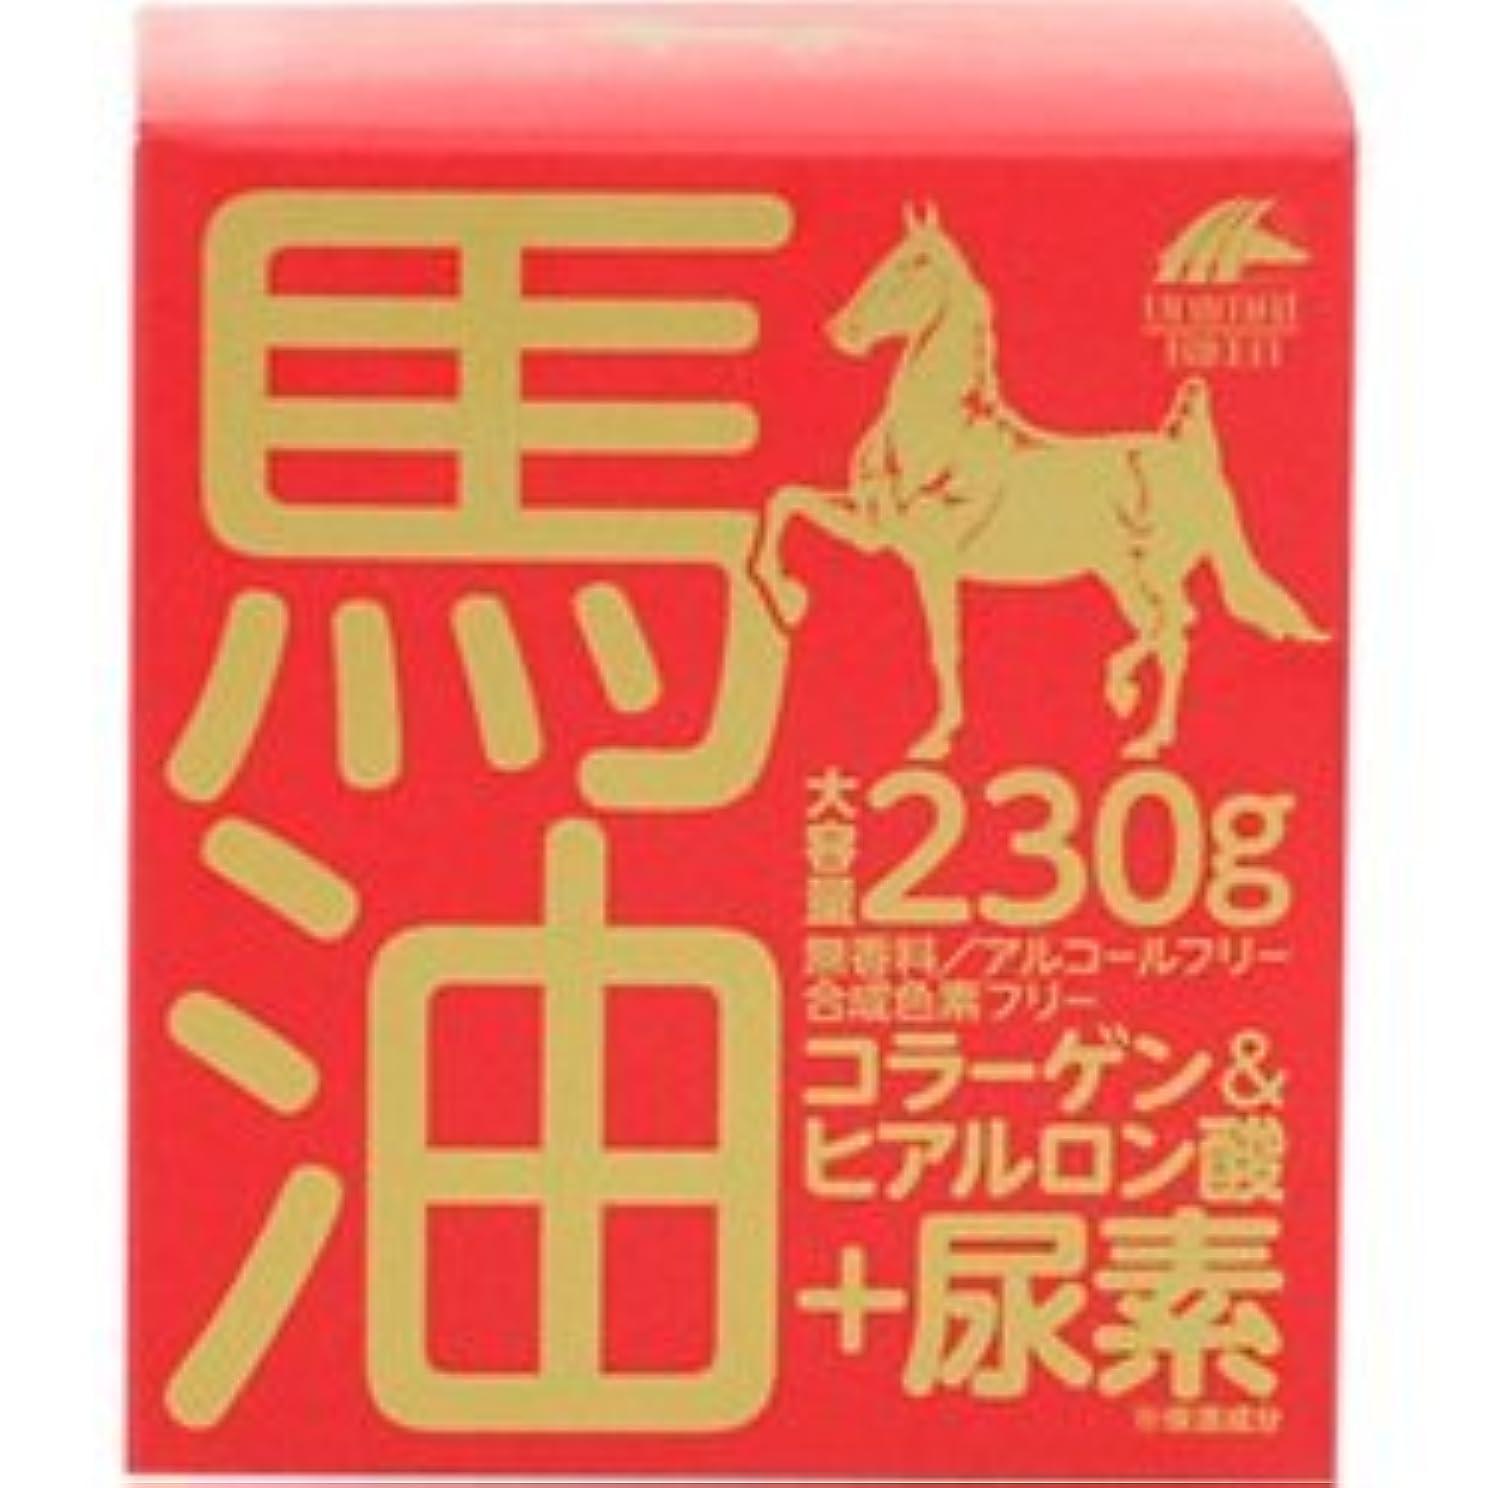 確かな砂の振り子【ユニマットリケン】馬油クリーム+尿素 230g ×20個セット